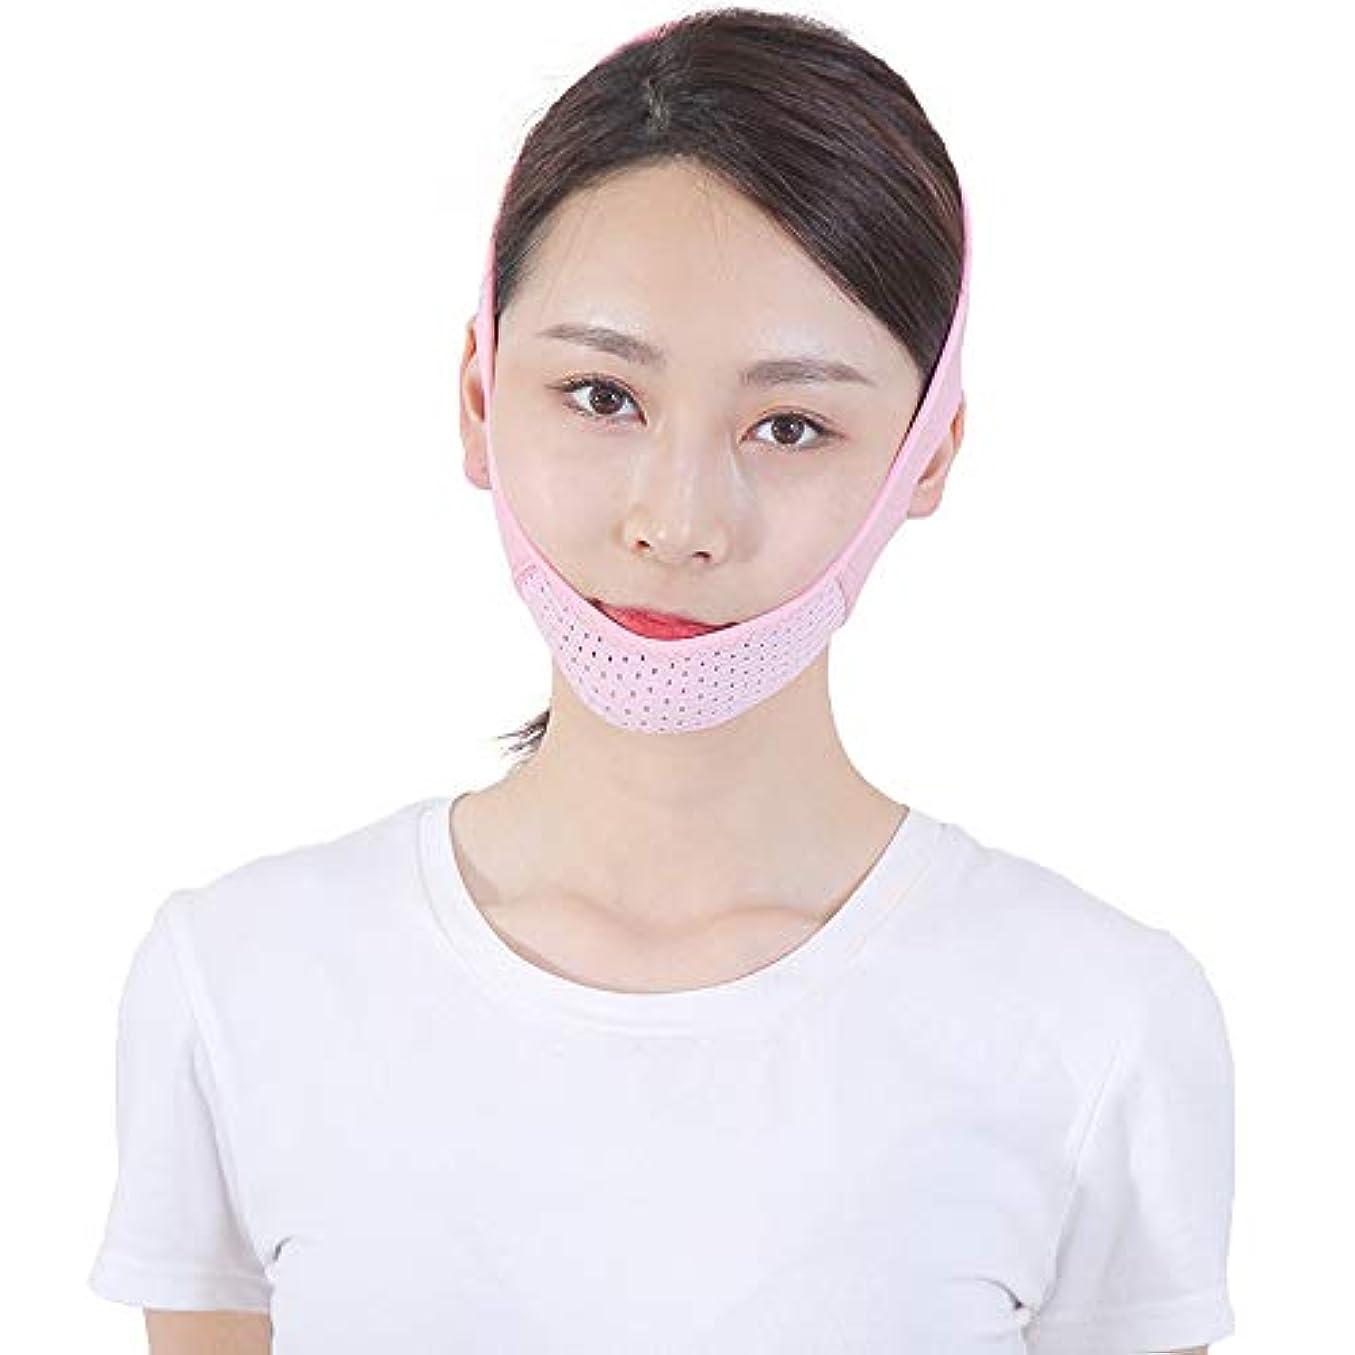 昼寝欲求不満押す薄い顔のベルト - 薄い顔のベルト通気性のある顔の包帯ダブルチンの顔リフトの人工物Vのフェイスベルト薄い顔のマスク